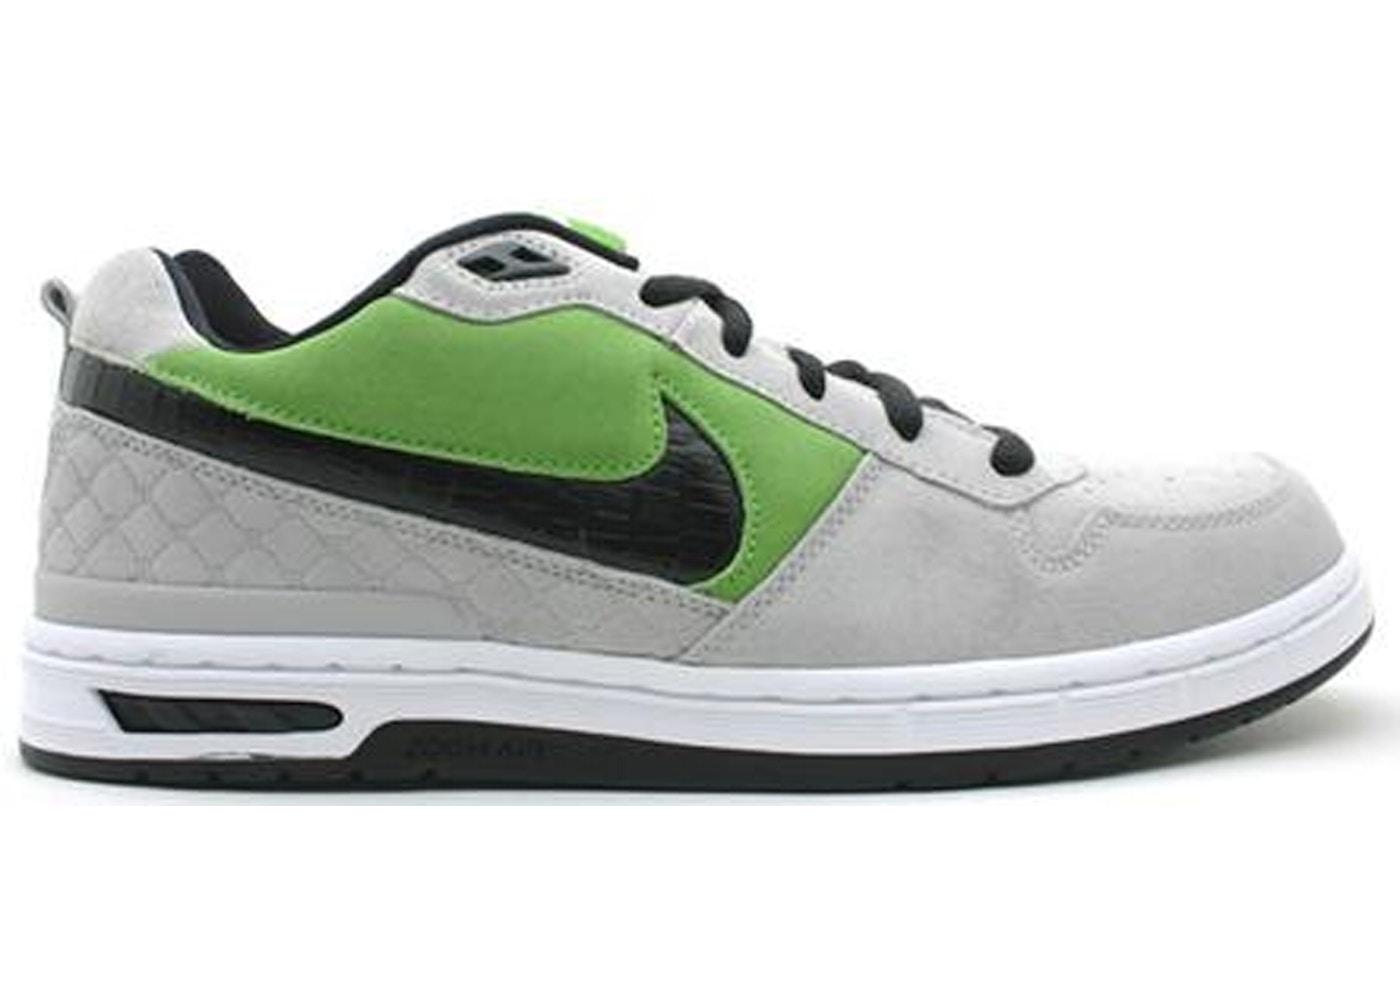 f8421d98 Nike SB Paul Rodriguez Green Bean - 310802-301